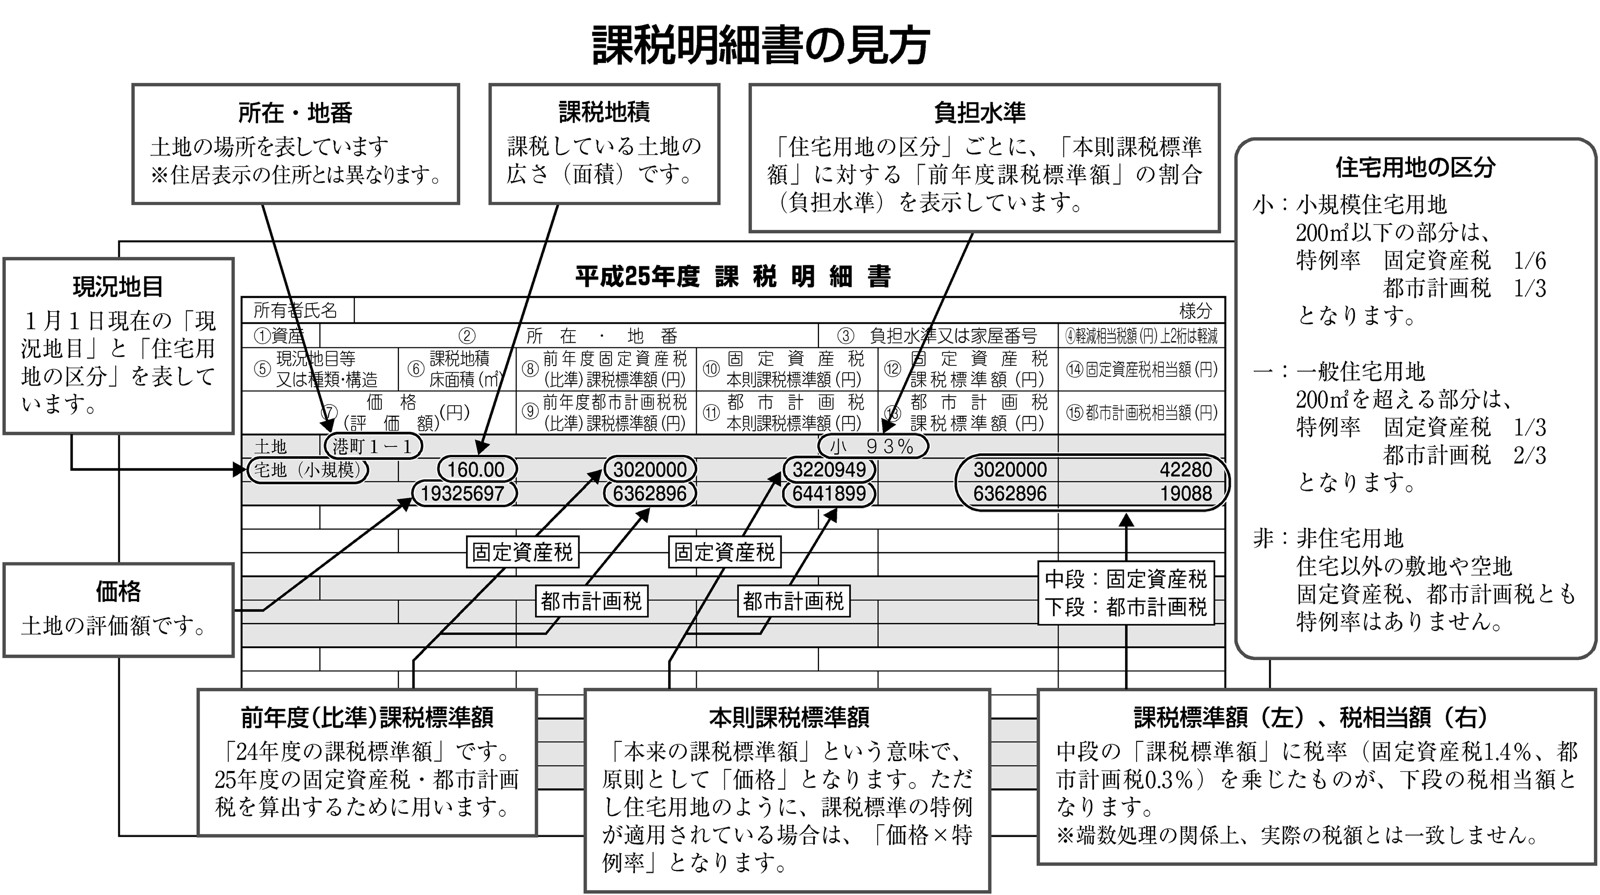 税 評価 資産 額 固定